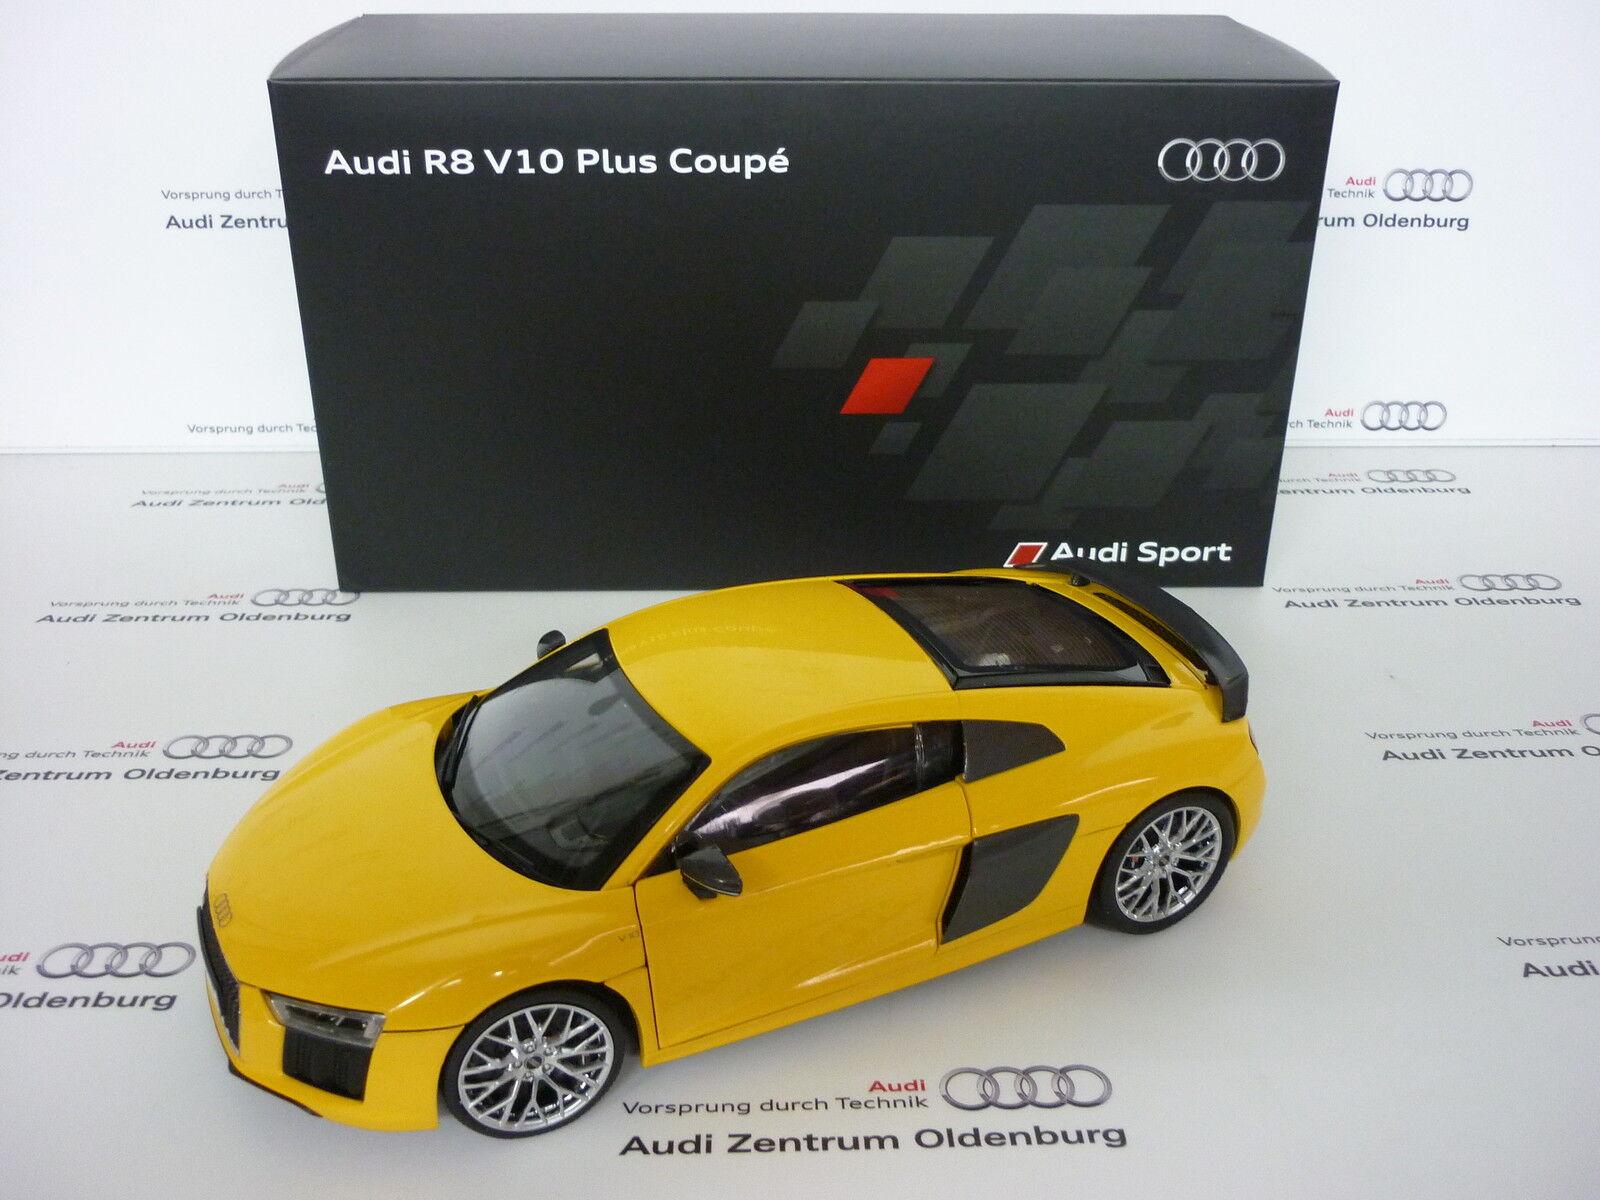 autentico en linea Audi originales coche coche coche modelo audi r8 coupé vegasamarillo 1 18  comprar nuevo barato